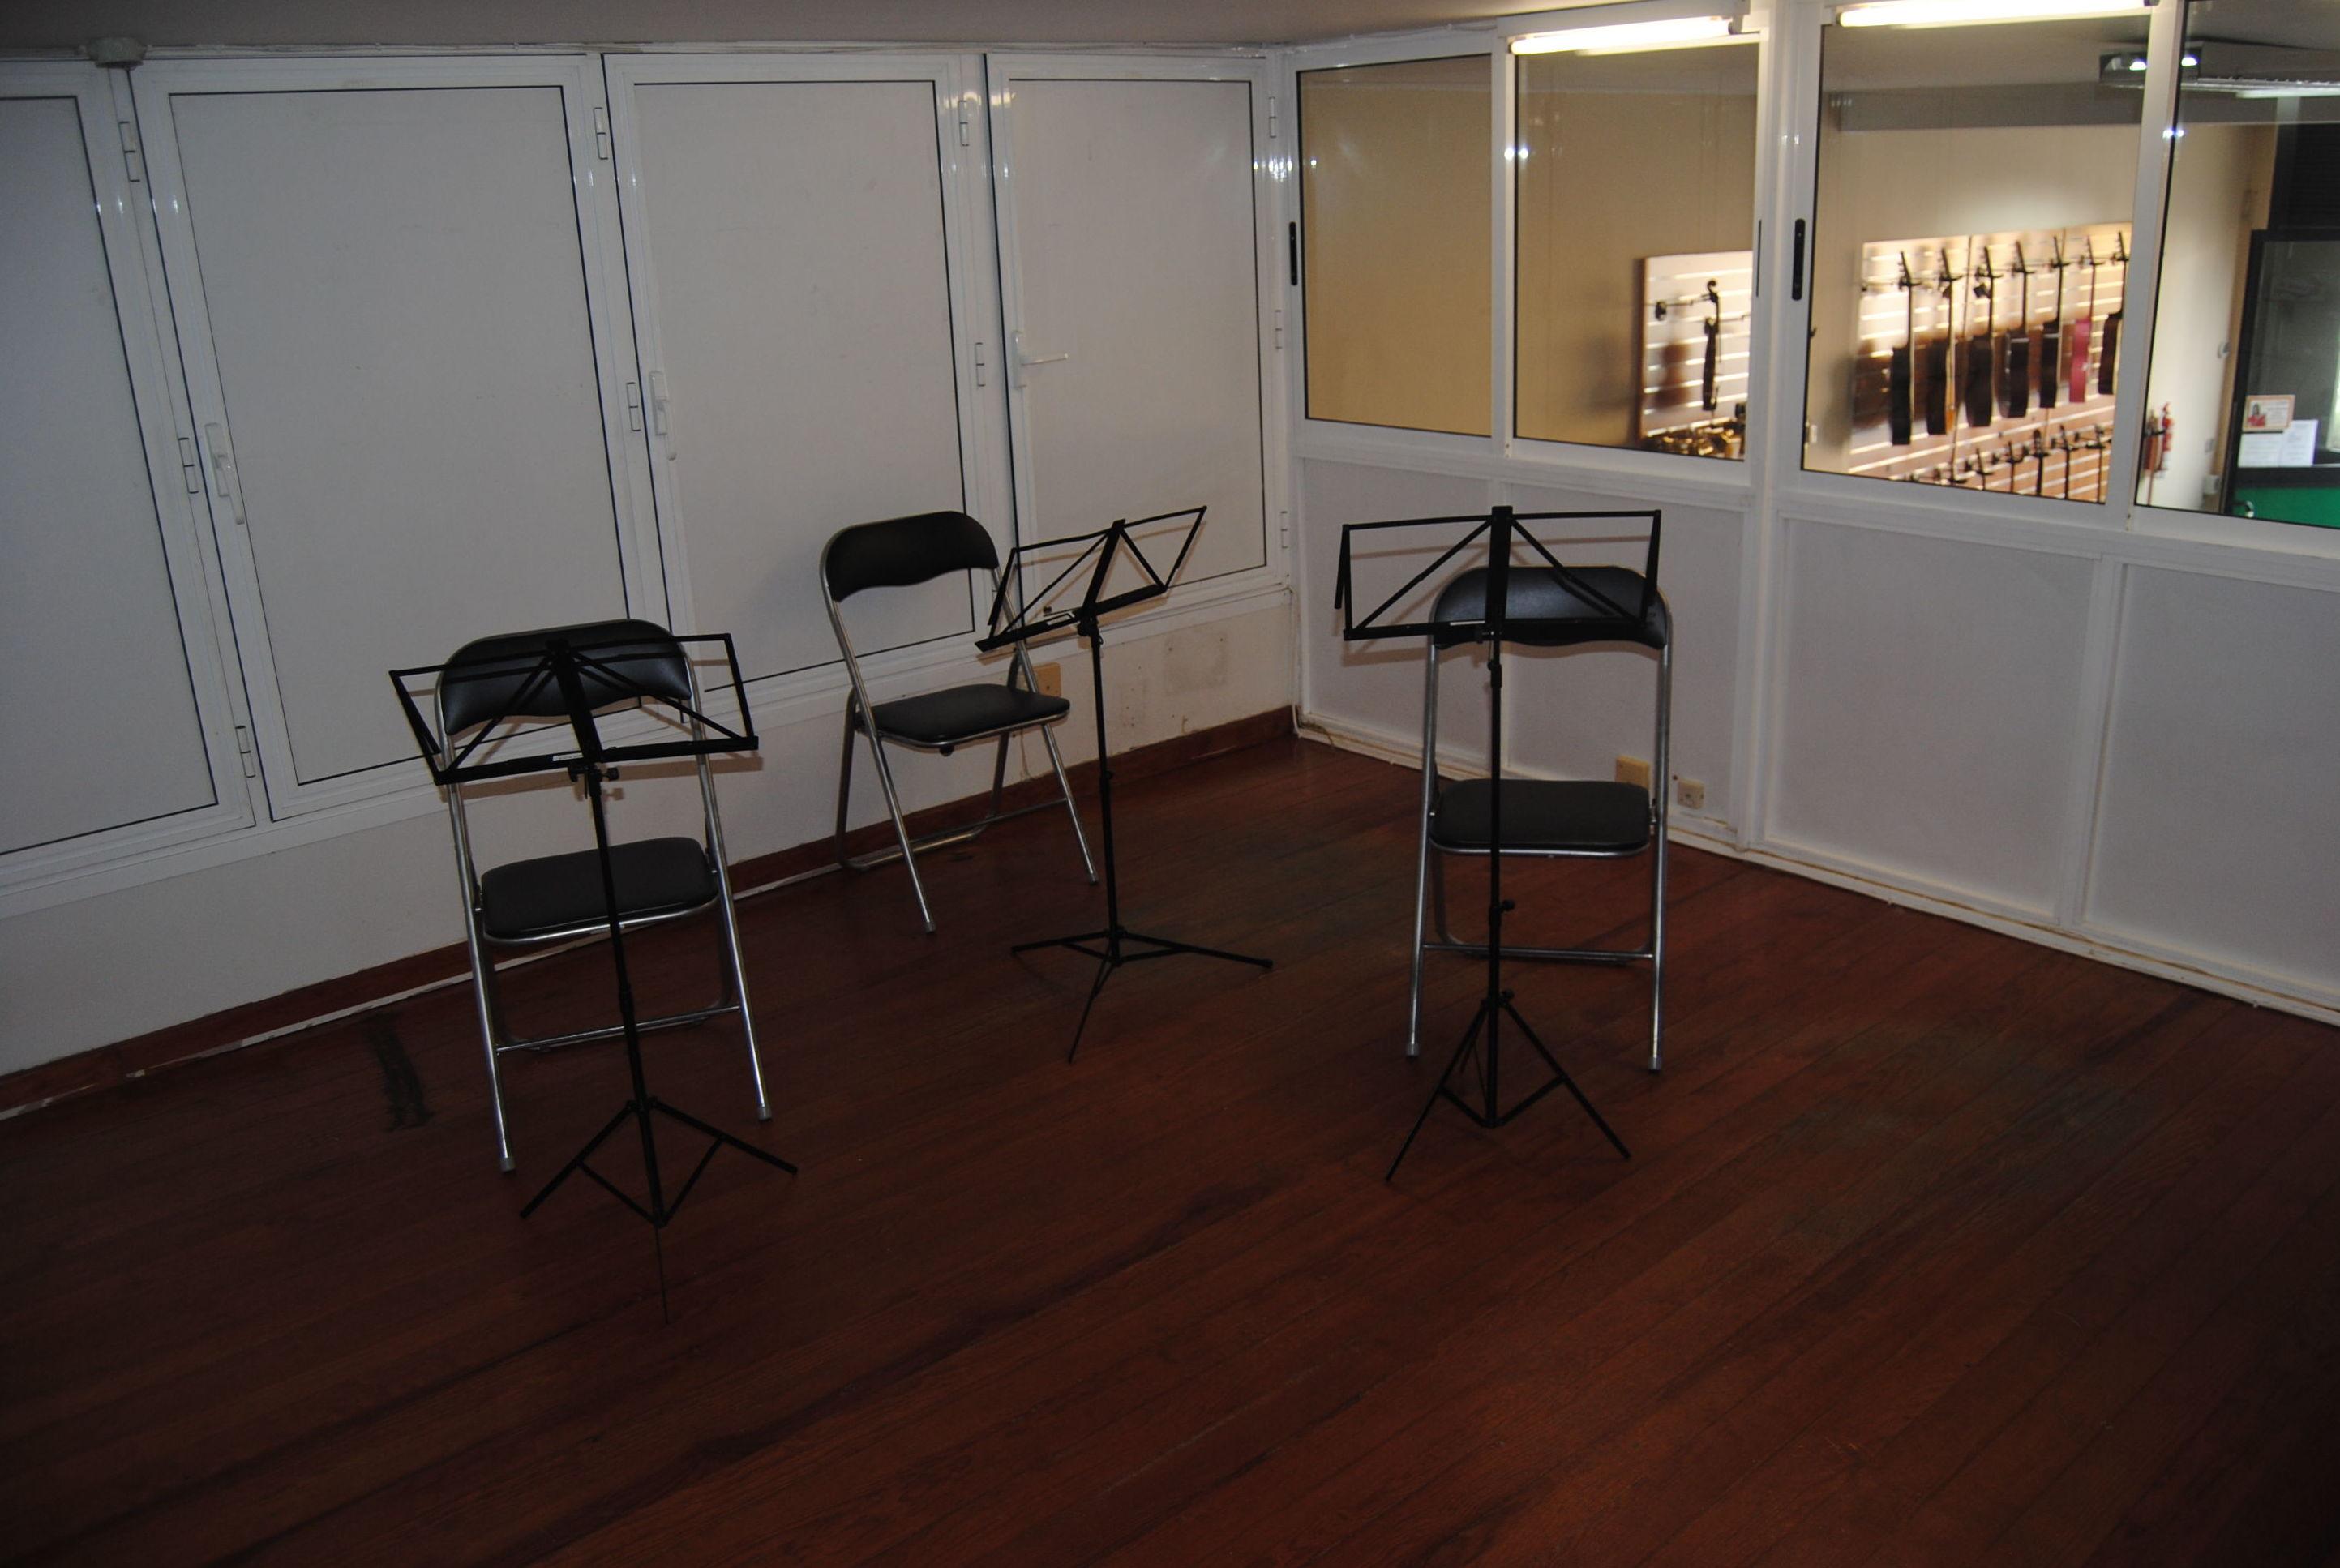 Foto 31 de Instrumentos música en Icod de los Vinos | La Clave Musical